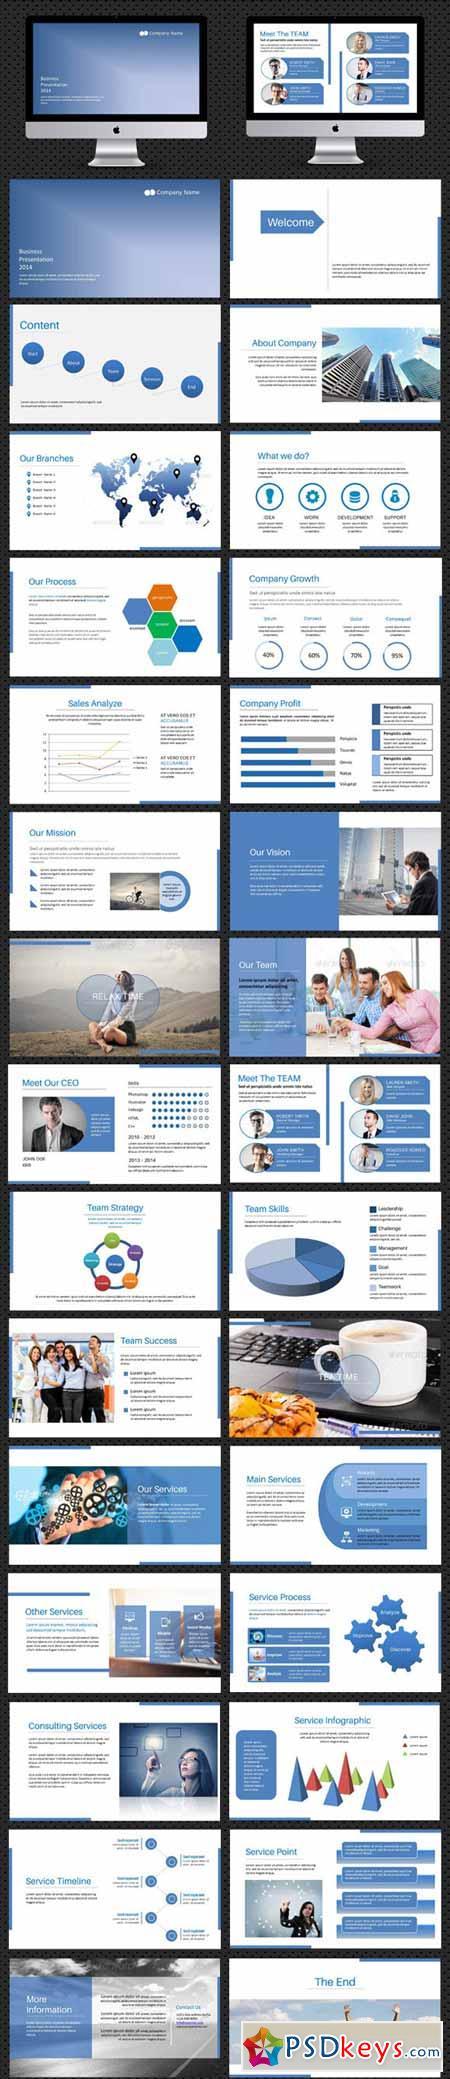 PowerPoint presentation 60033